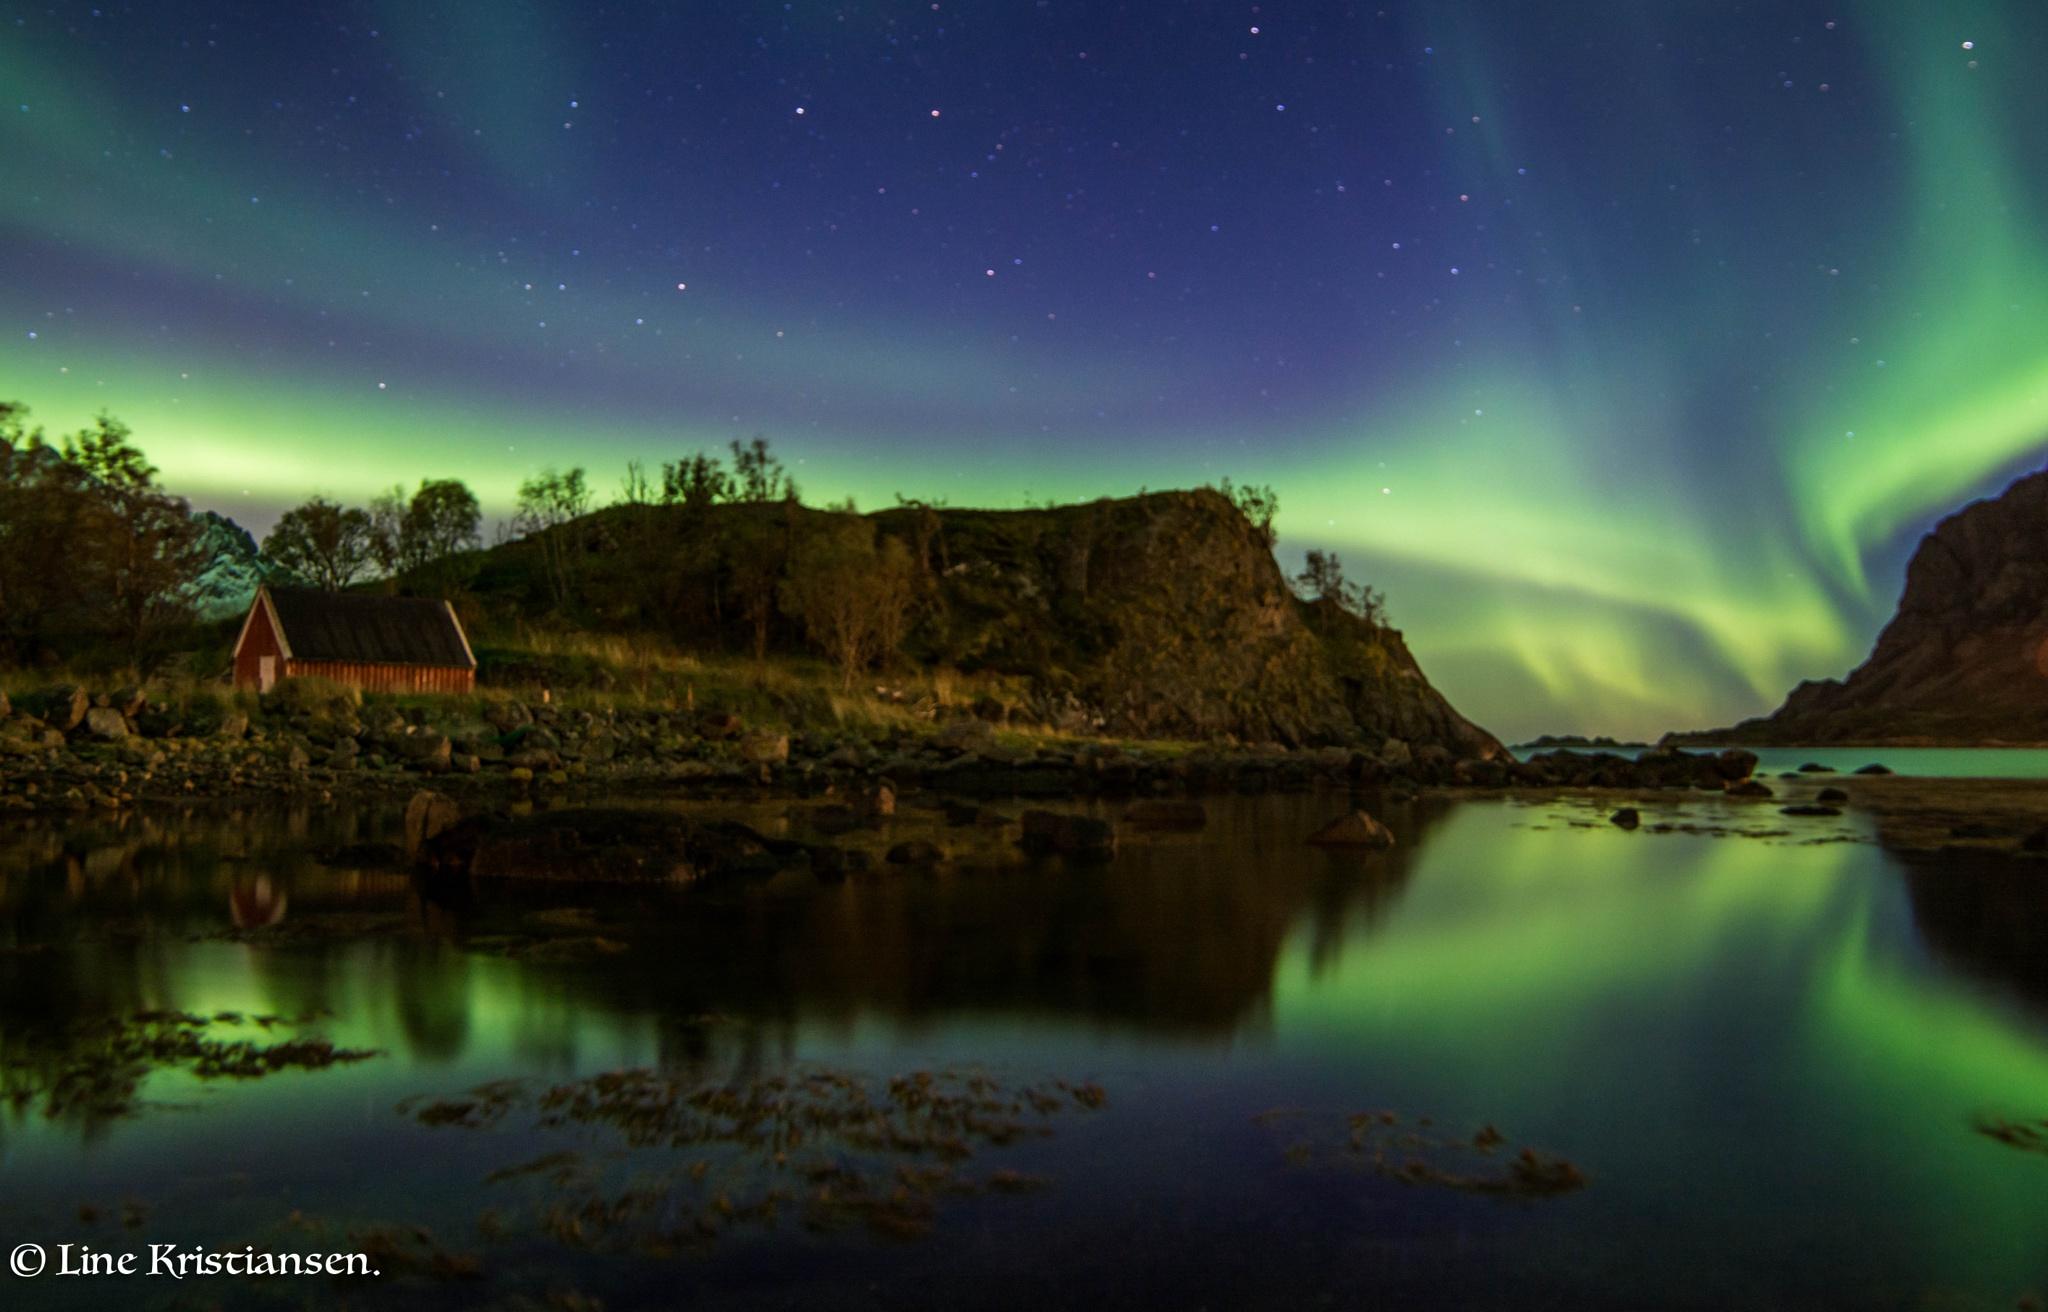 Northern Lights by line.kristiansen3